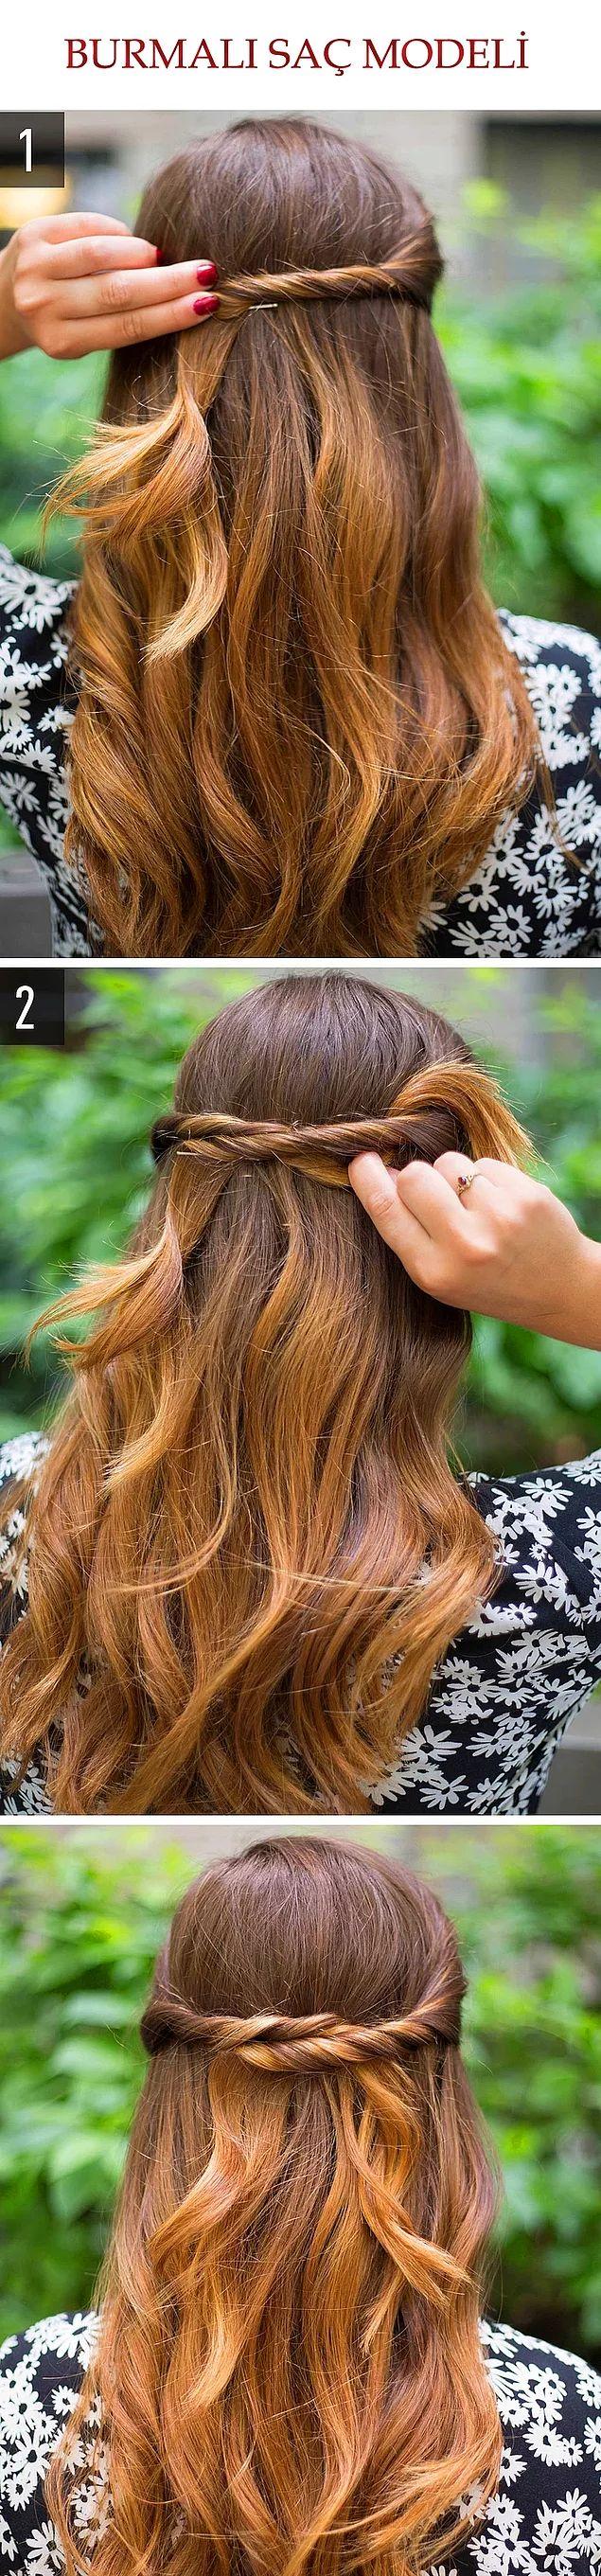 Hanım hanımcık saç modeli :)